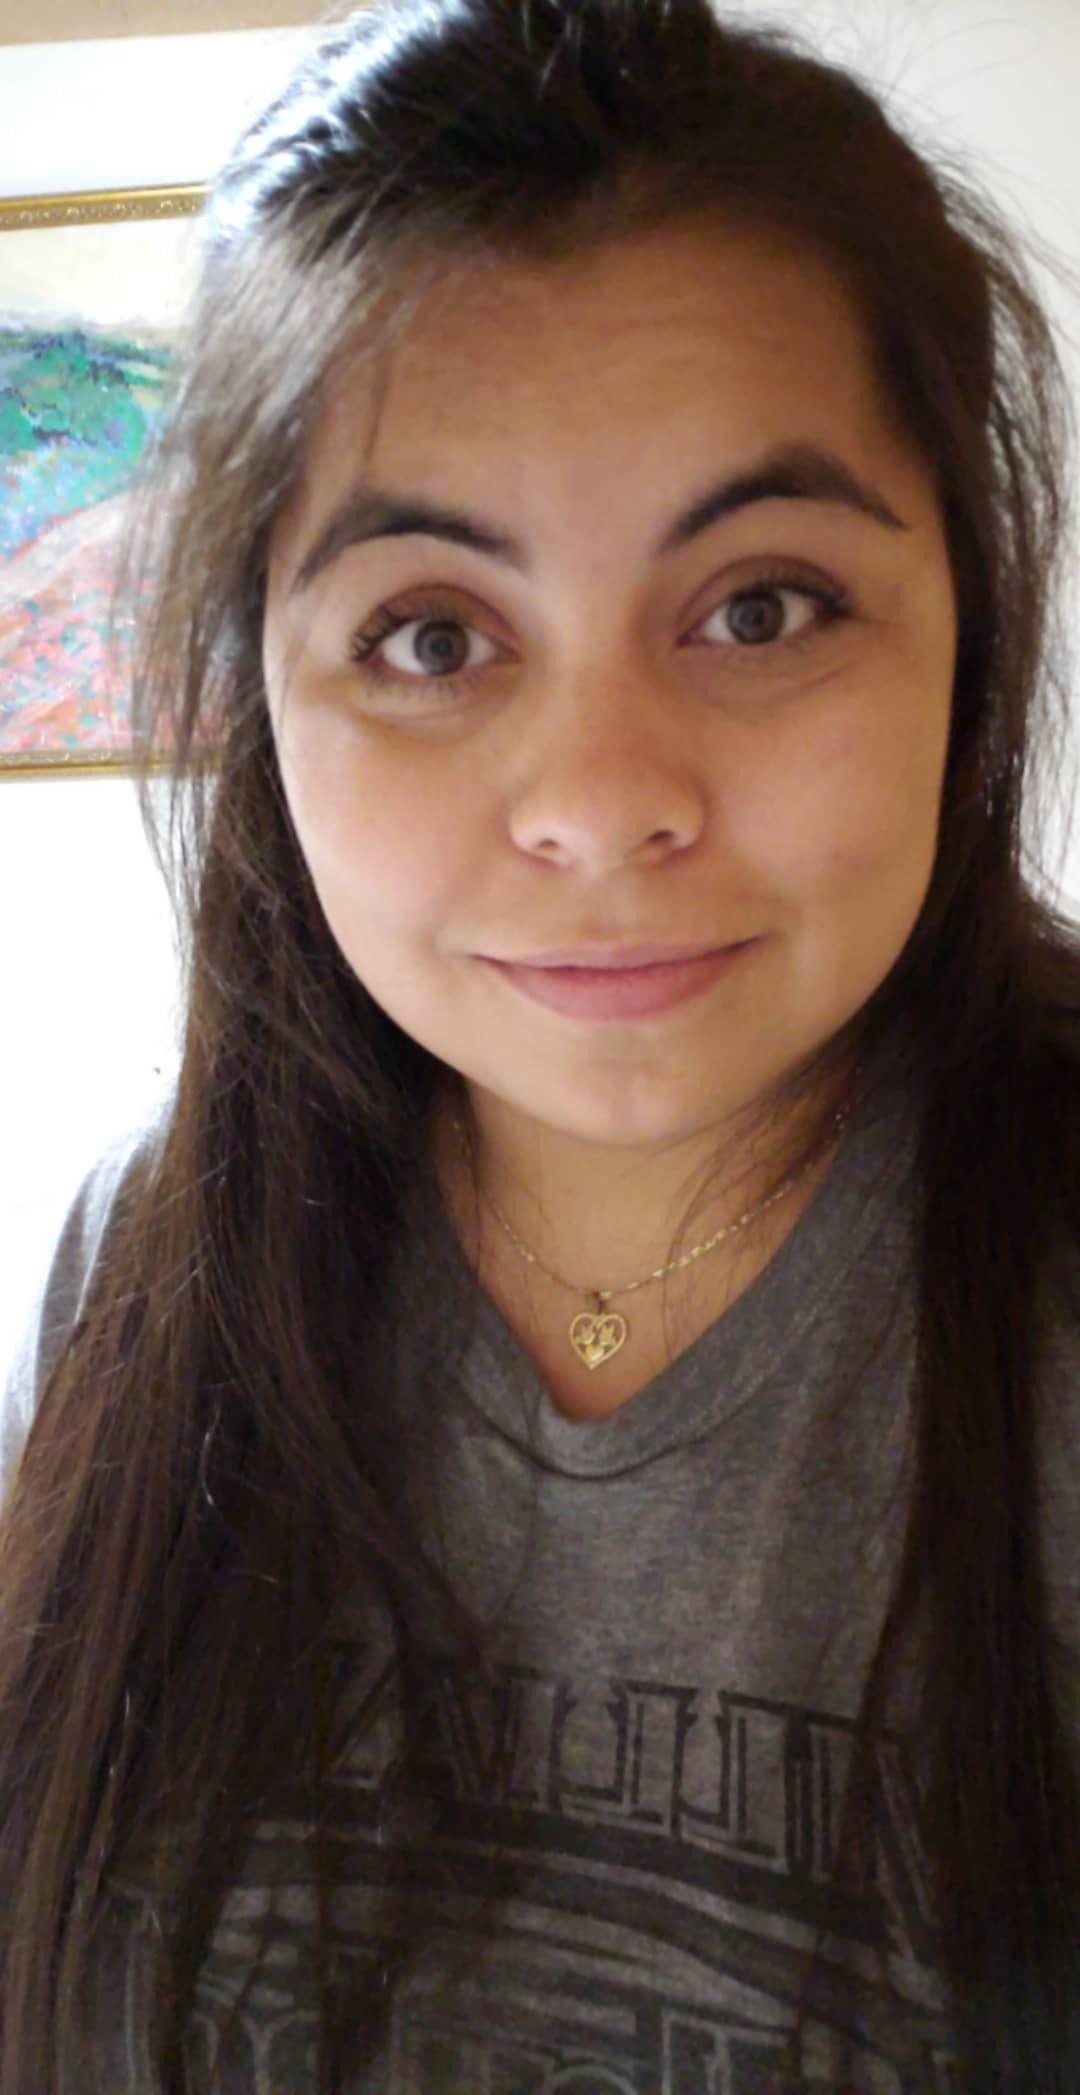 SYLVIA: Singles in champaign il